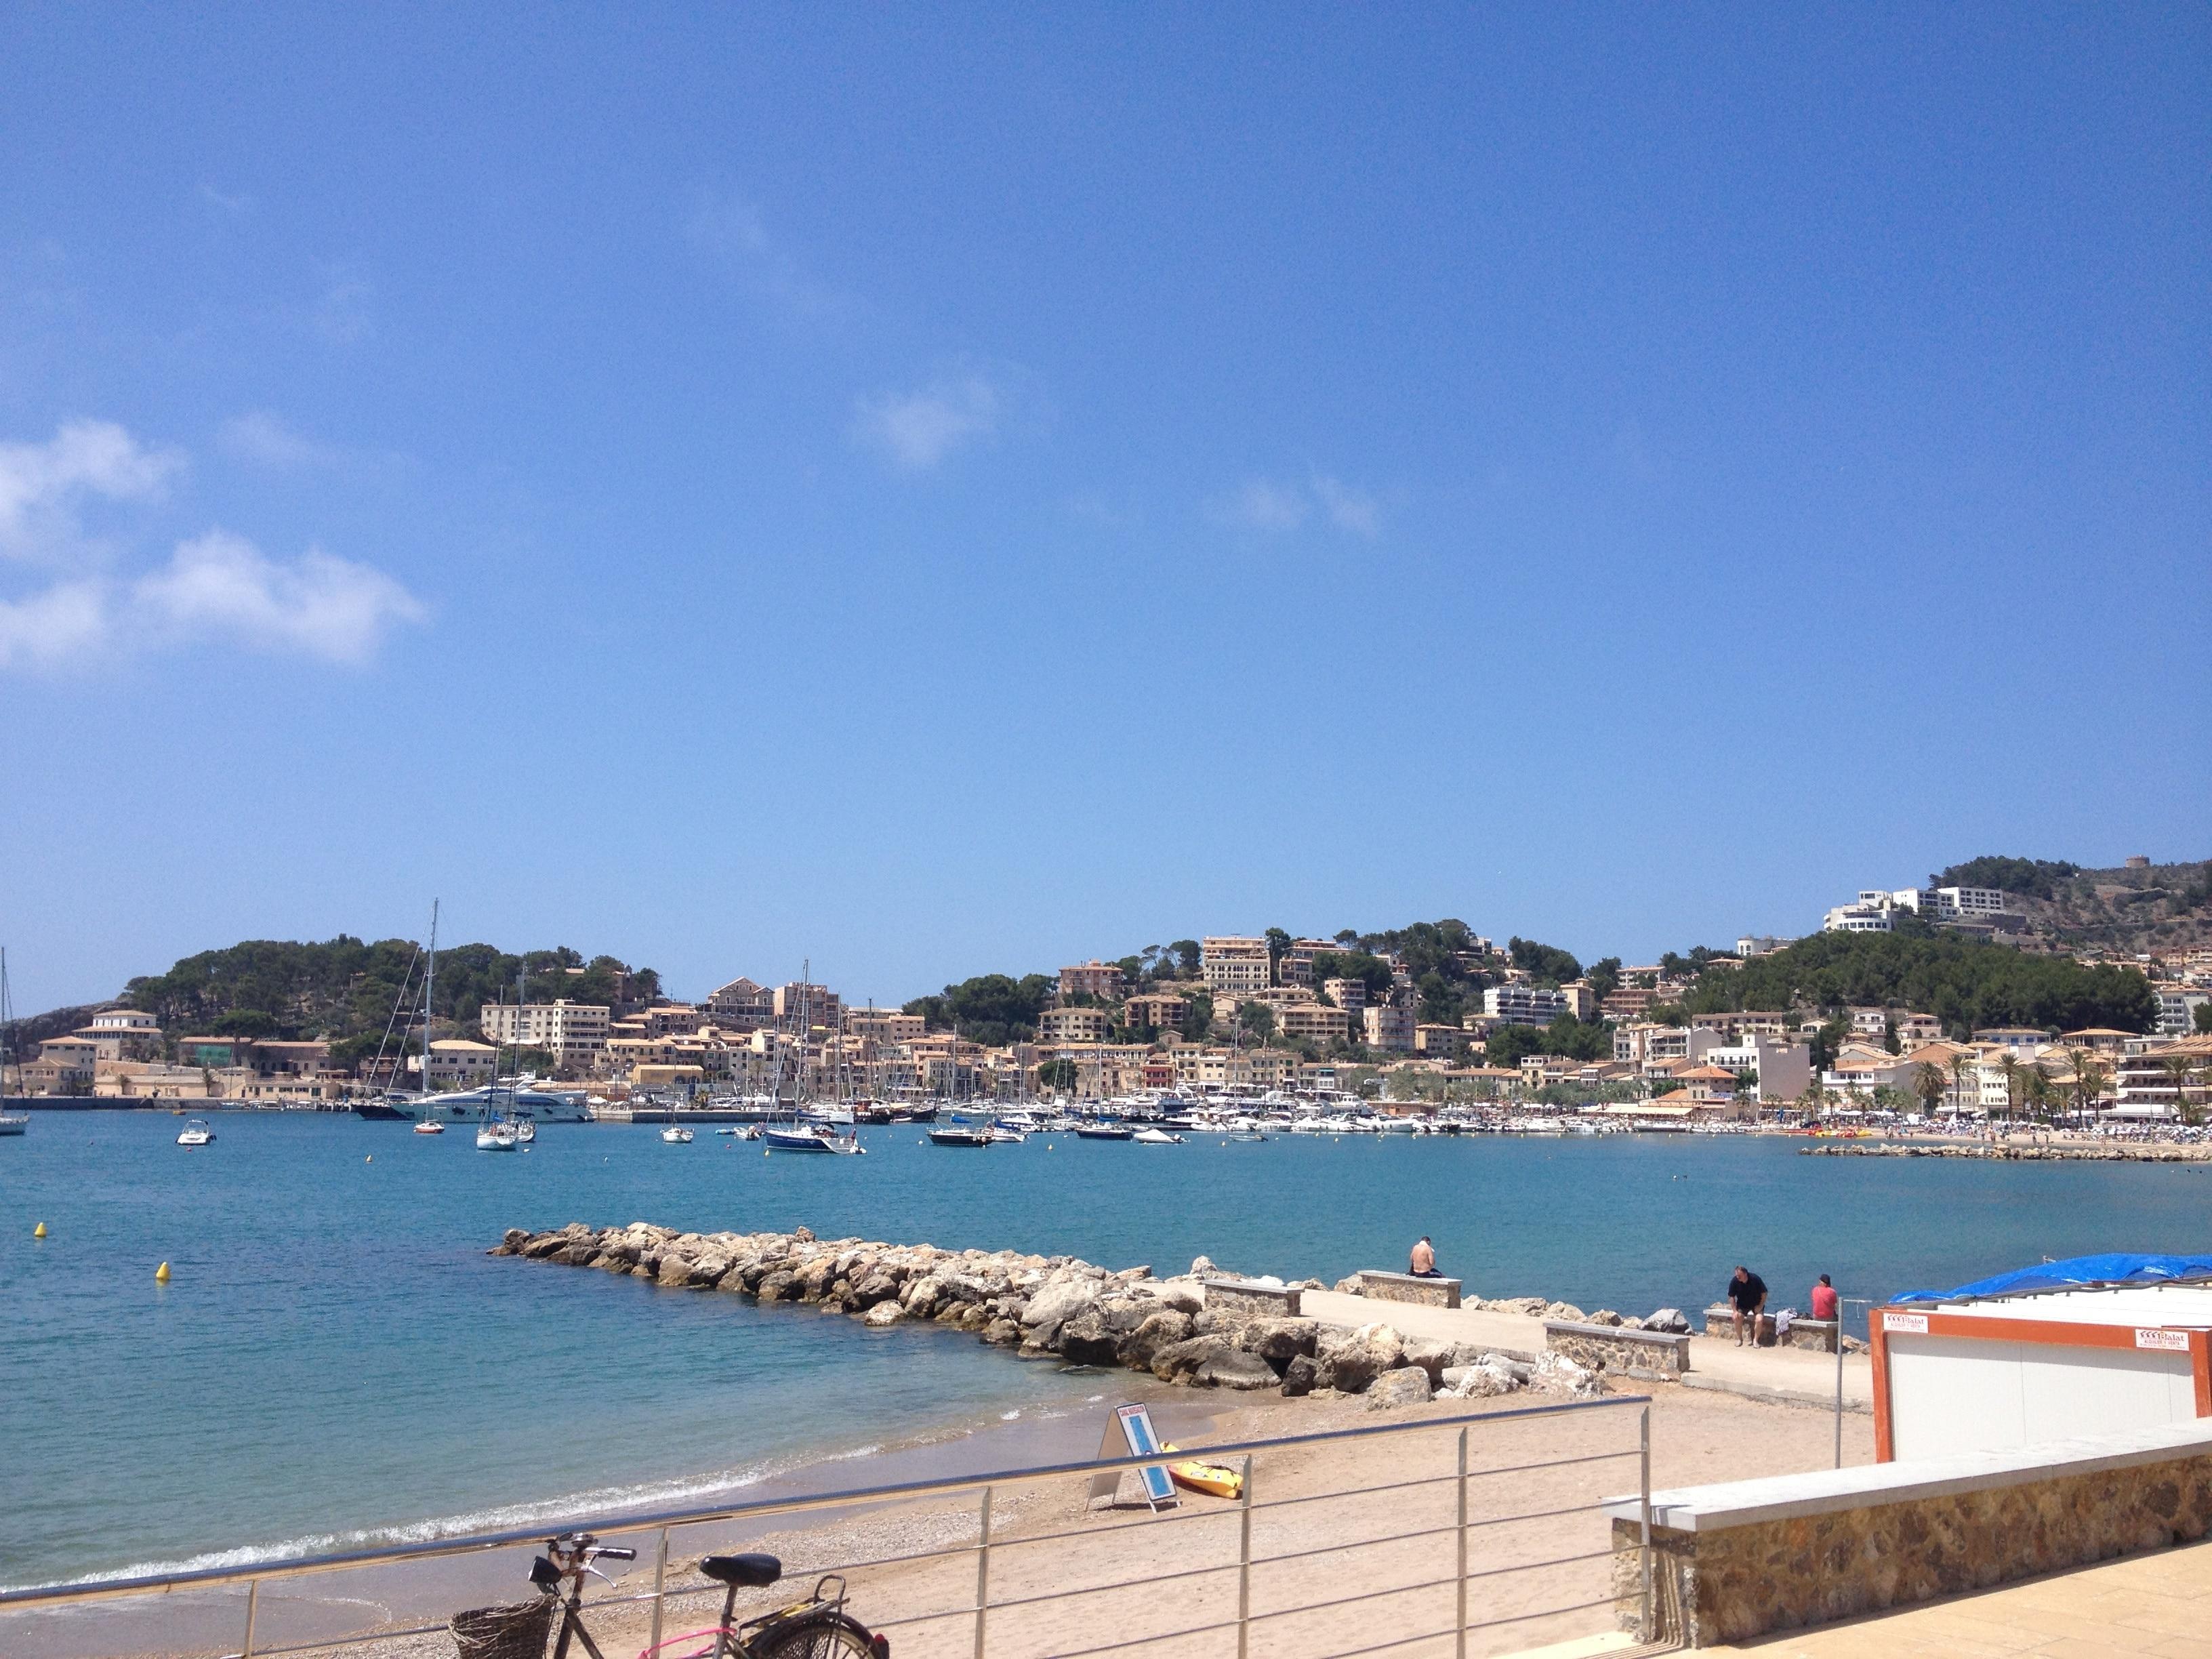 Playa de Port de Sóller, Soller, Balearic Islands, Spain